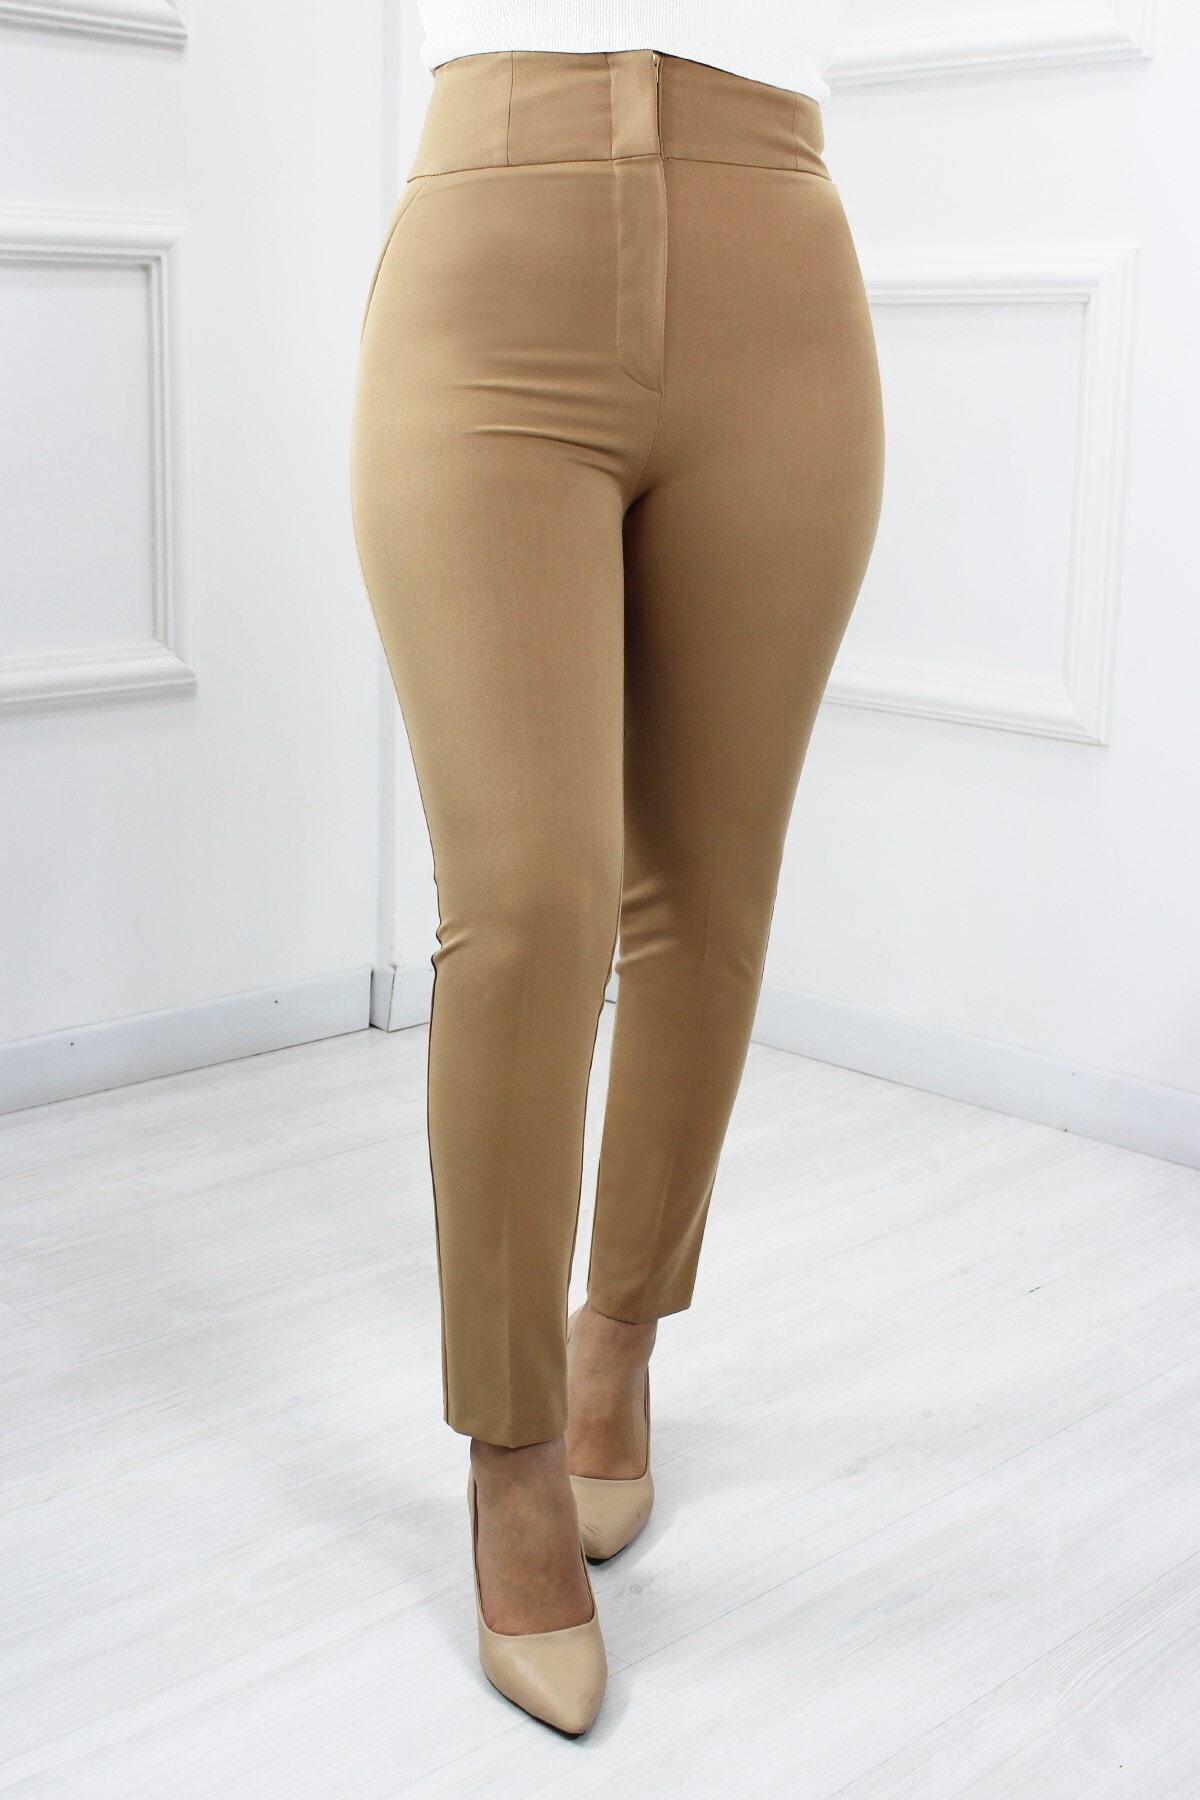 UGİMPOL Kadın Bej Yüksek Bel Pantolon 65297 1